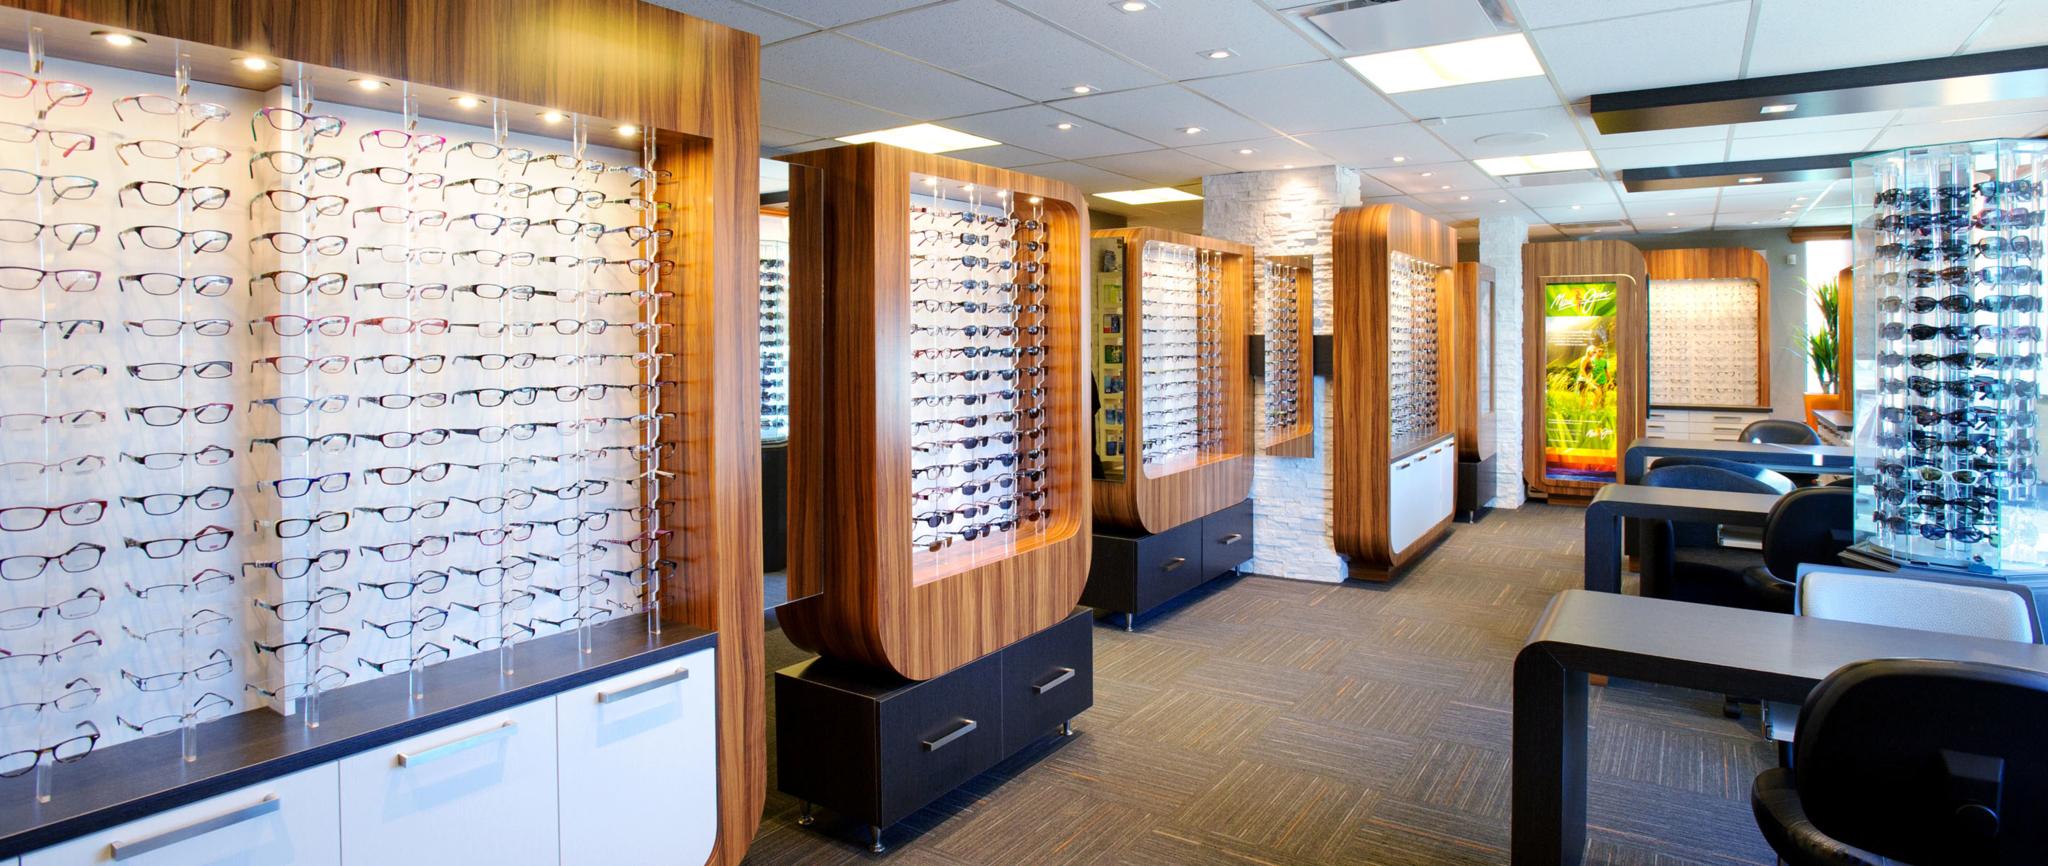 Bouchard Lapierre & Associes Optométristes in Saint-Constant